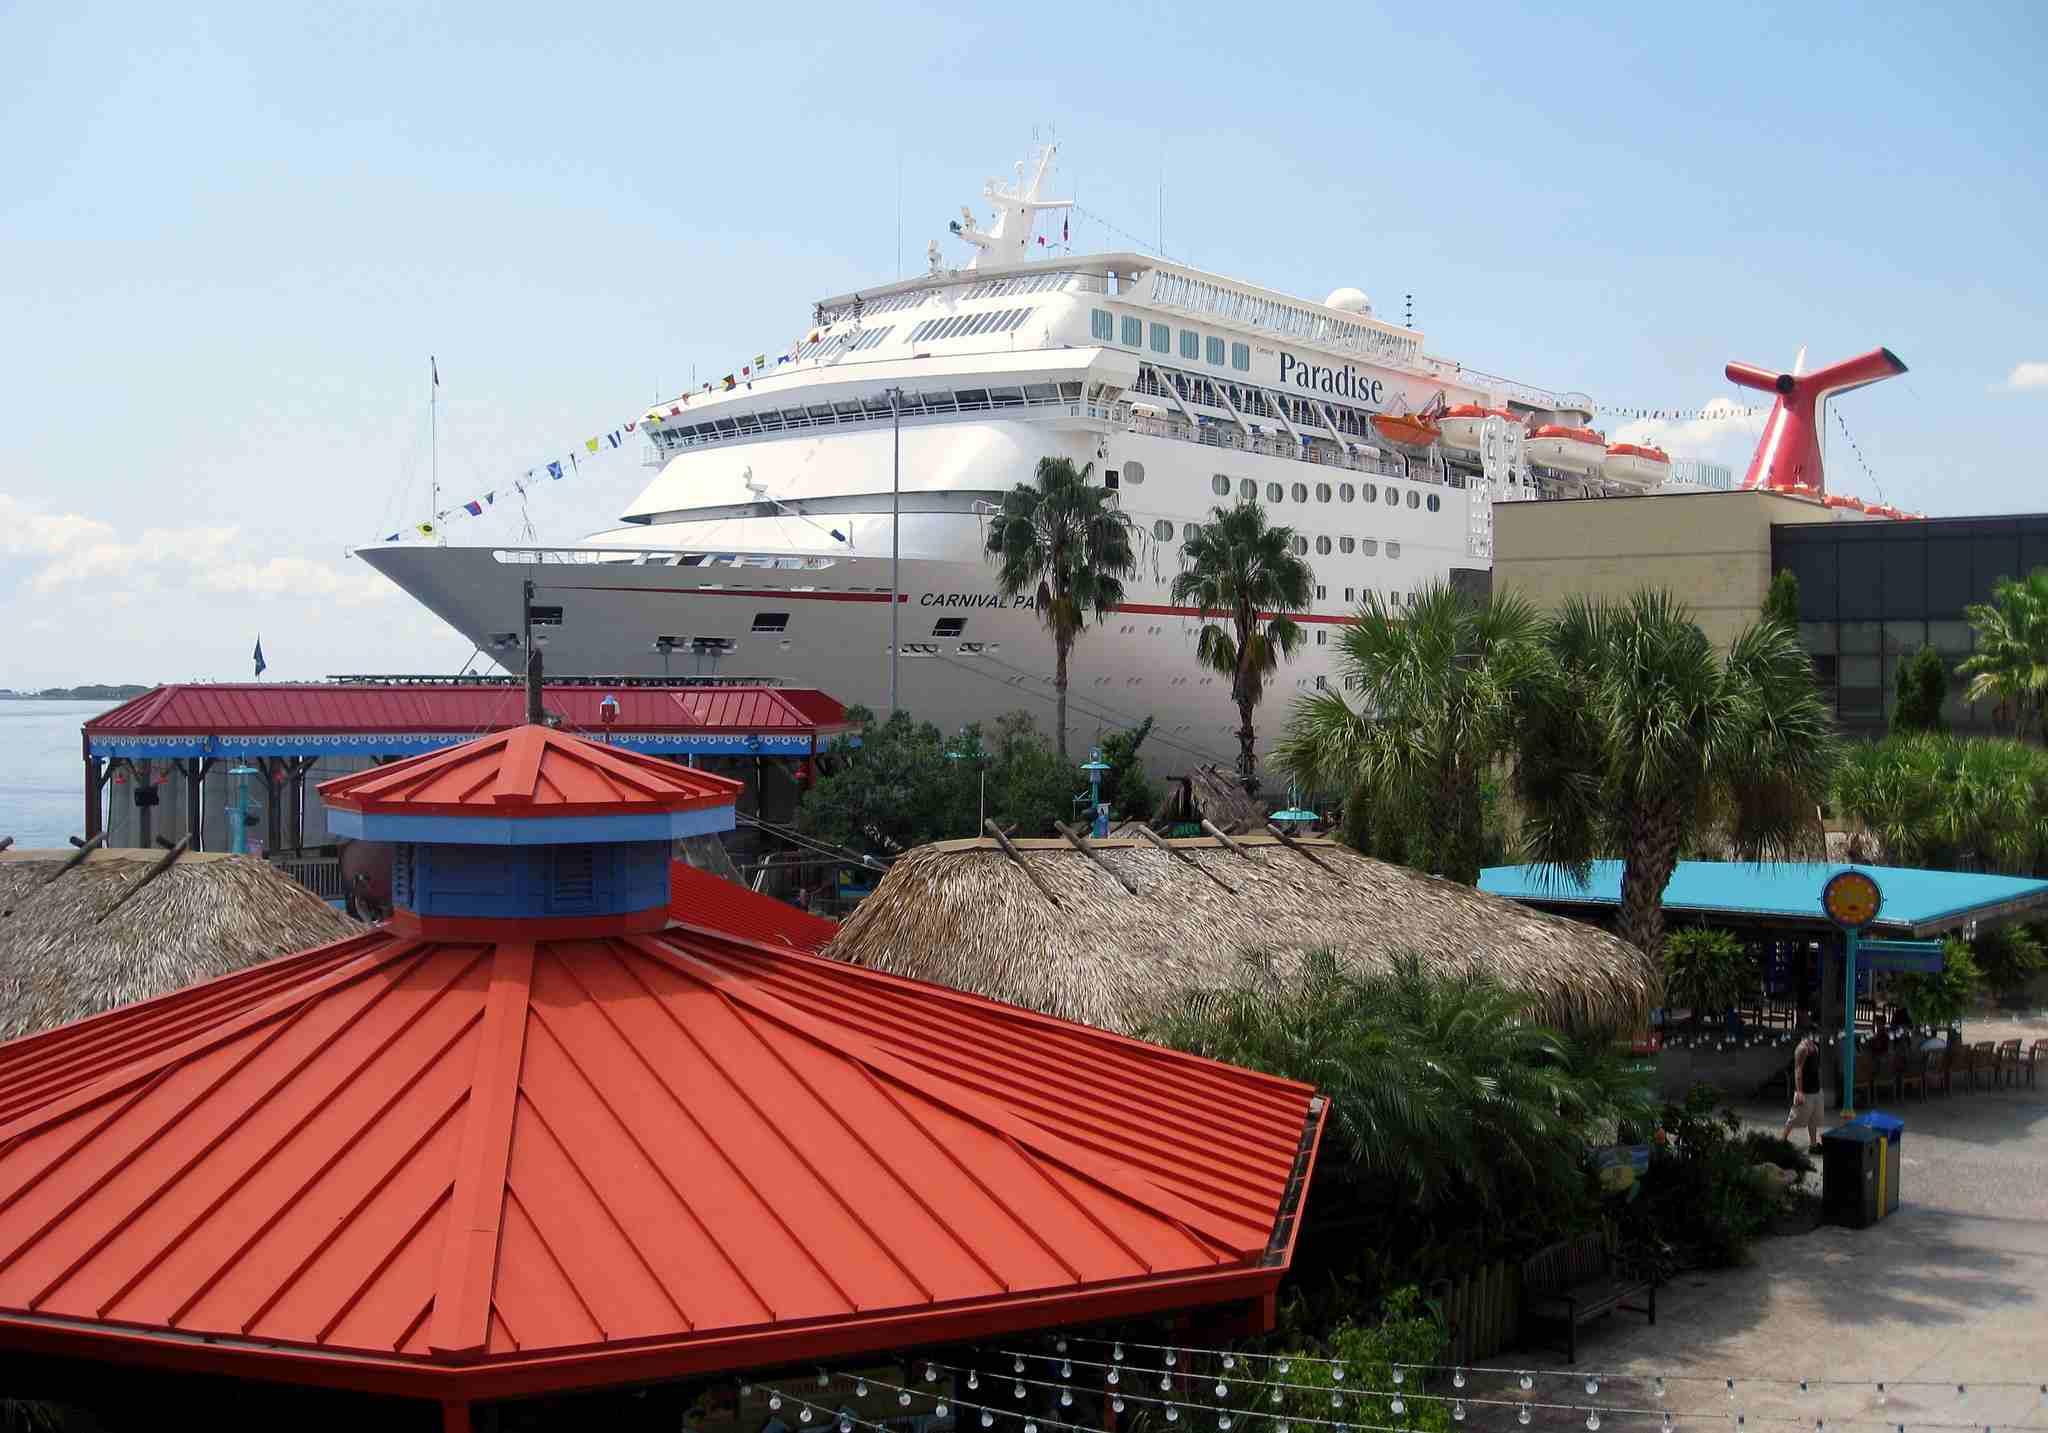 Carnival Paradise Cruise Ship Docked